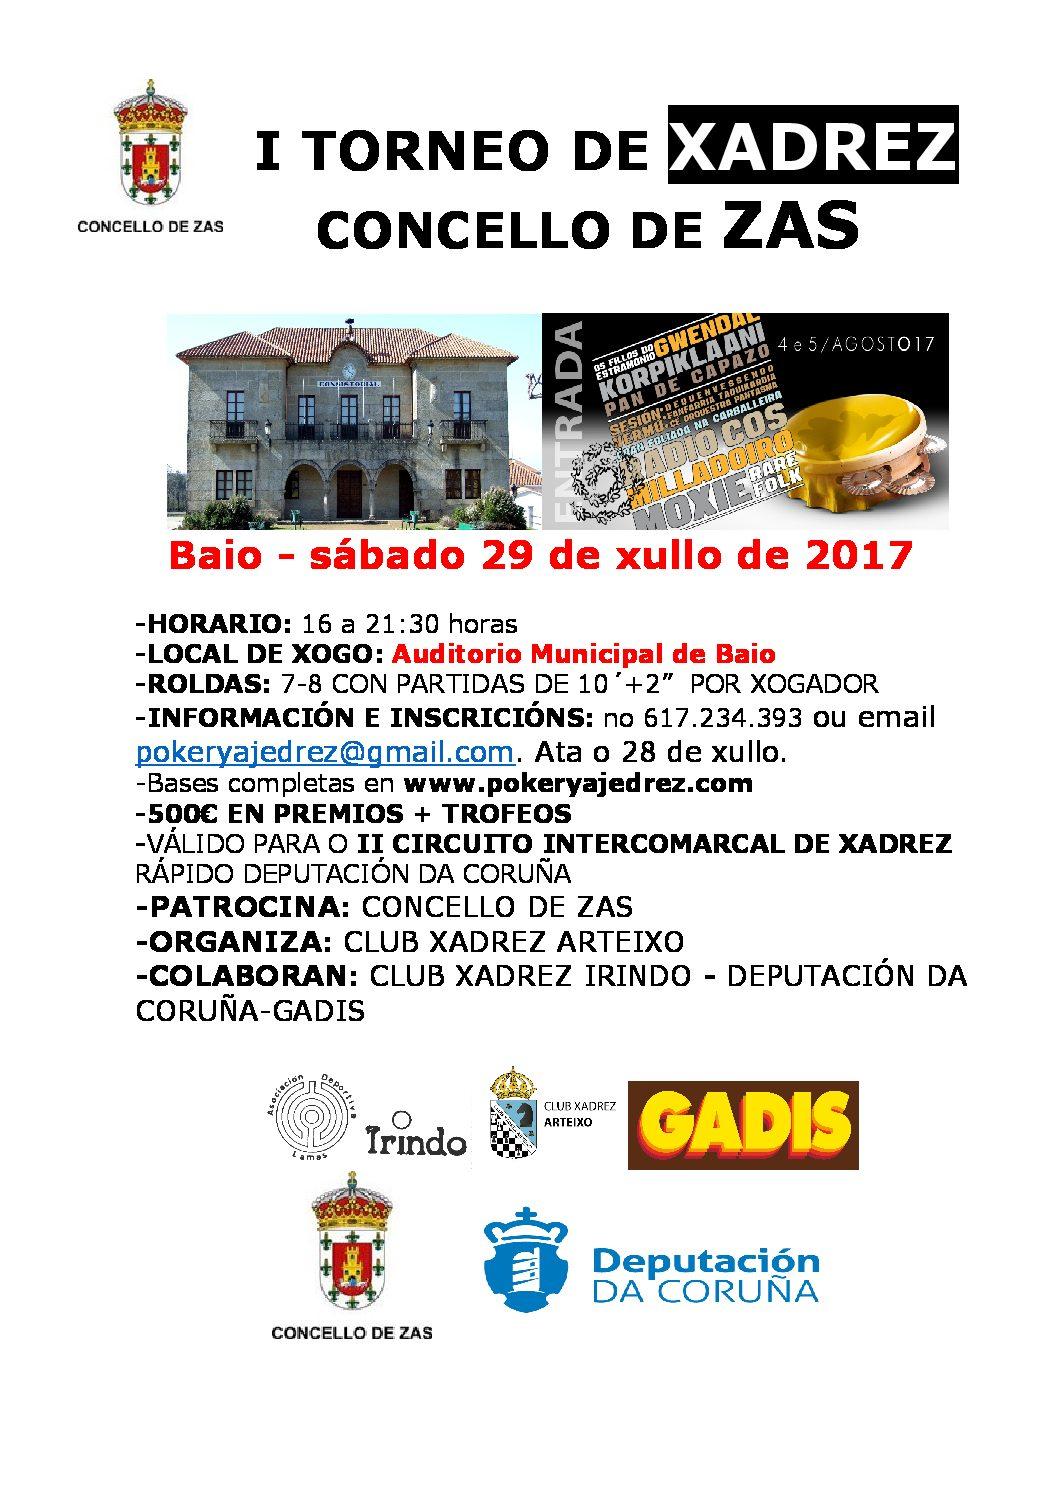 I Torneo de xadrez Concello de Zas - IV proba do II Circuito intercomarcal